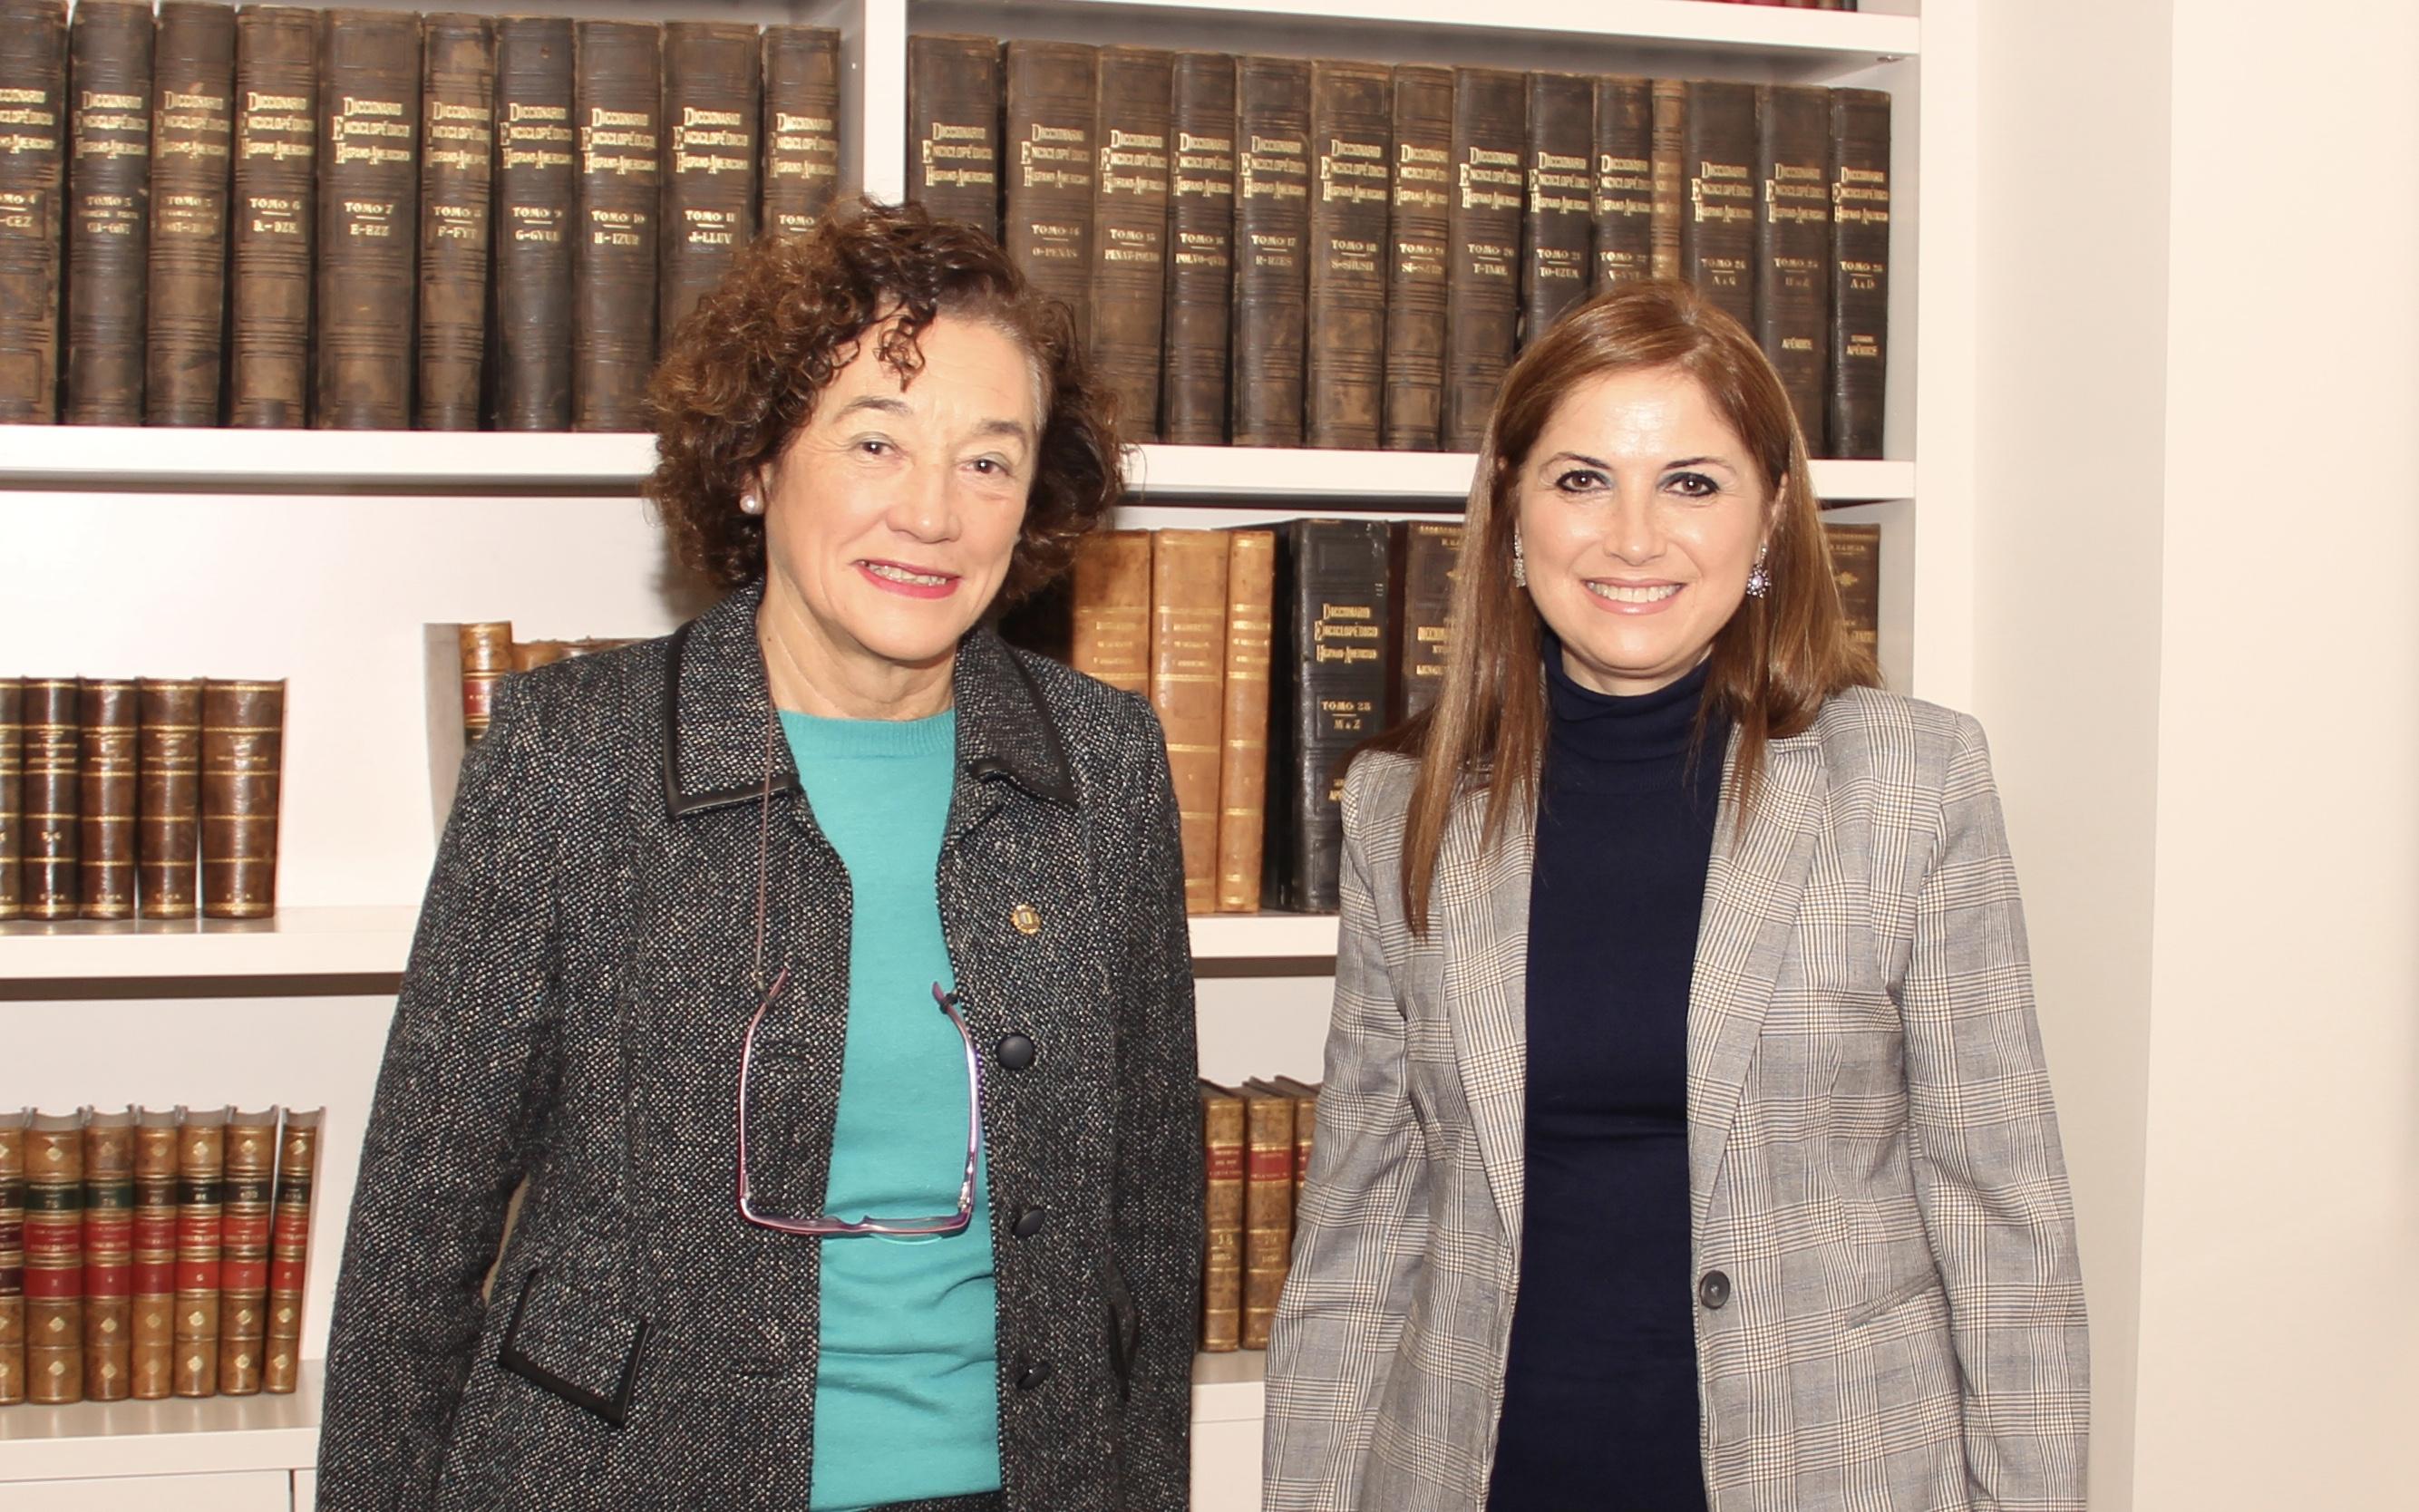 El Gobierno Vasco destinará 5 millones de euros a la Asistencia Jurídica Gratuita de Gipuzkoa que cuenta con 764 profesionales de la abogacía adscritos al turno de oficio